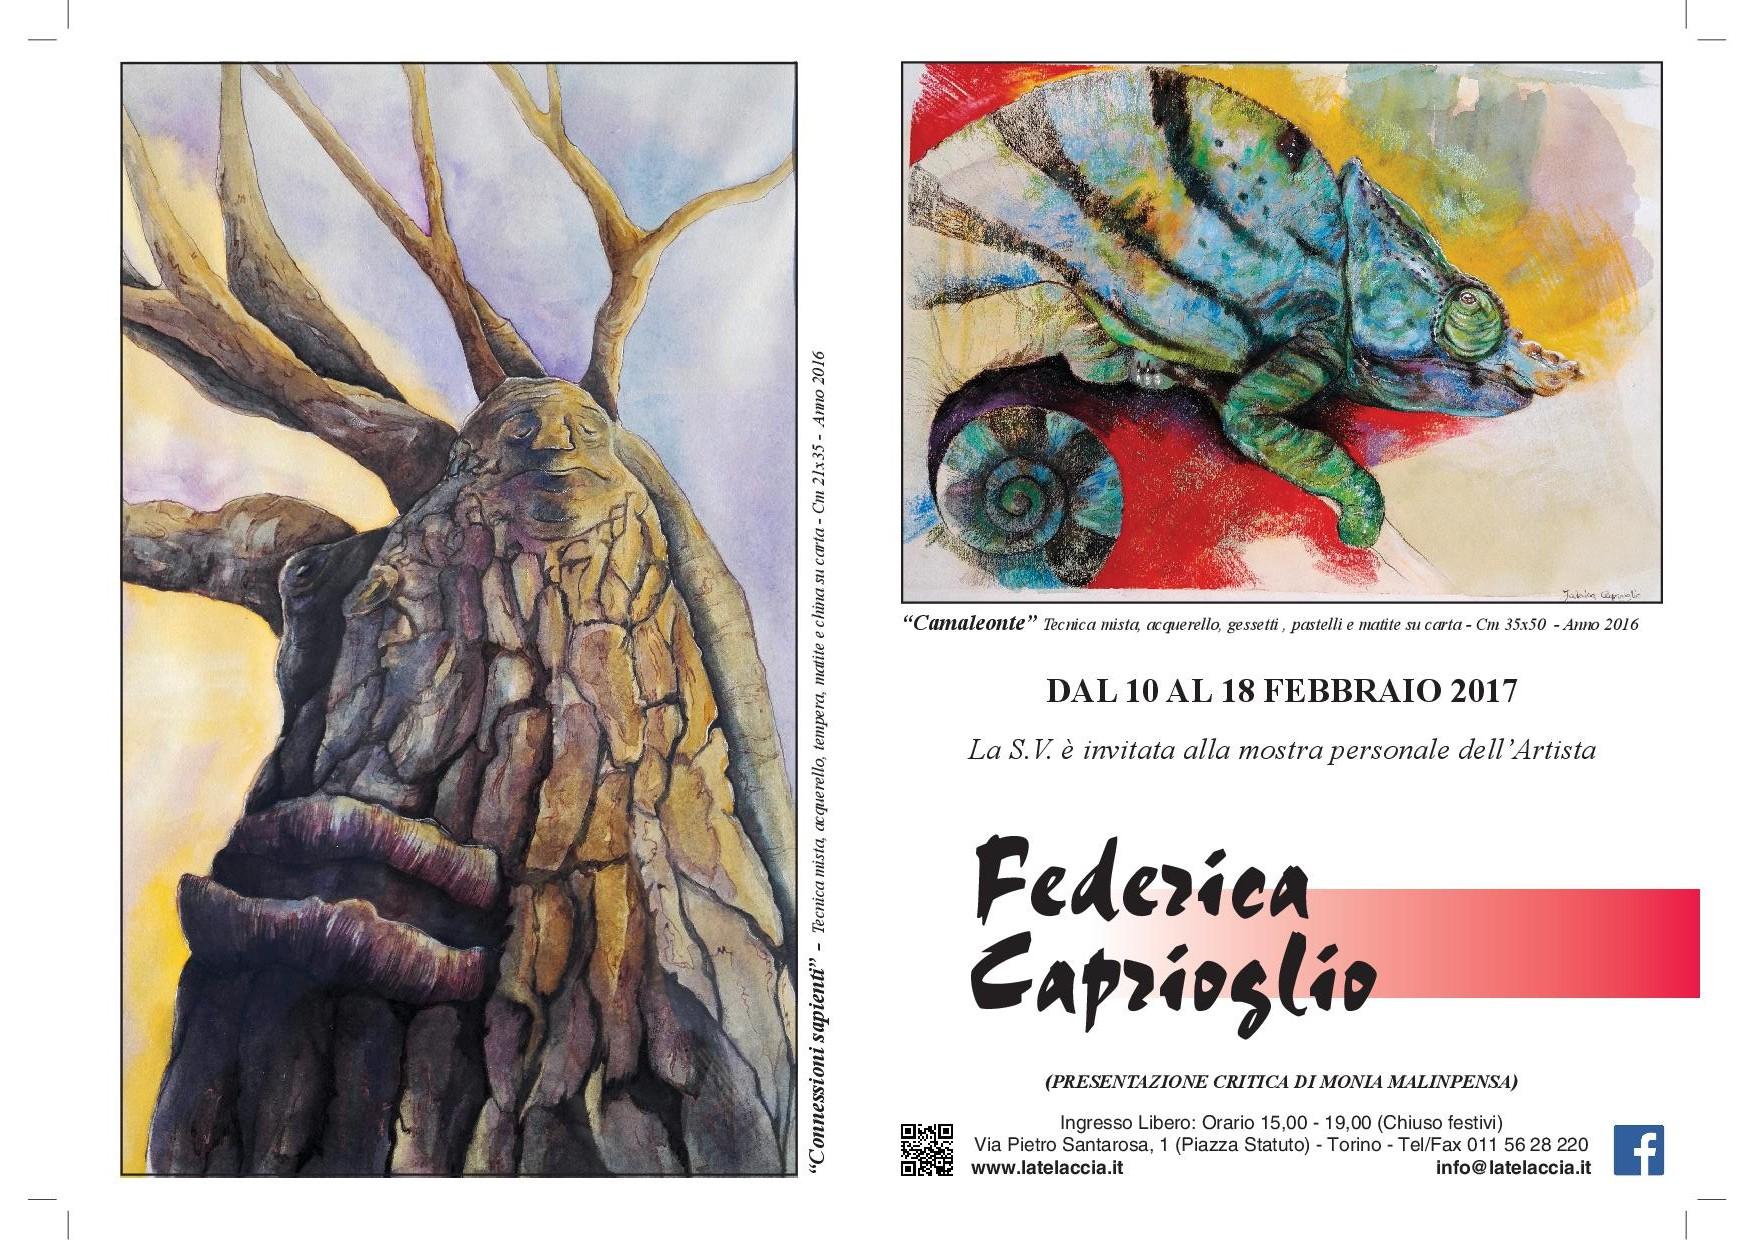 58 CAPRIOGLIO1.jpg